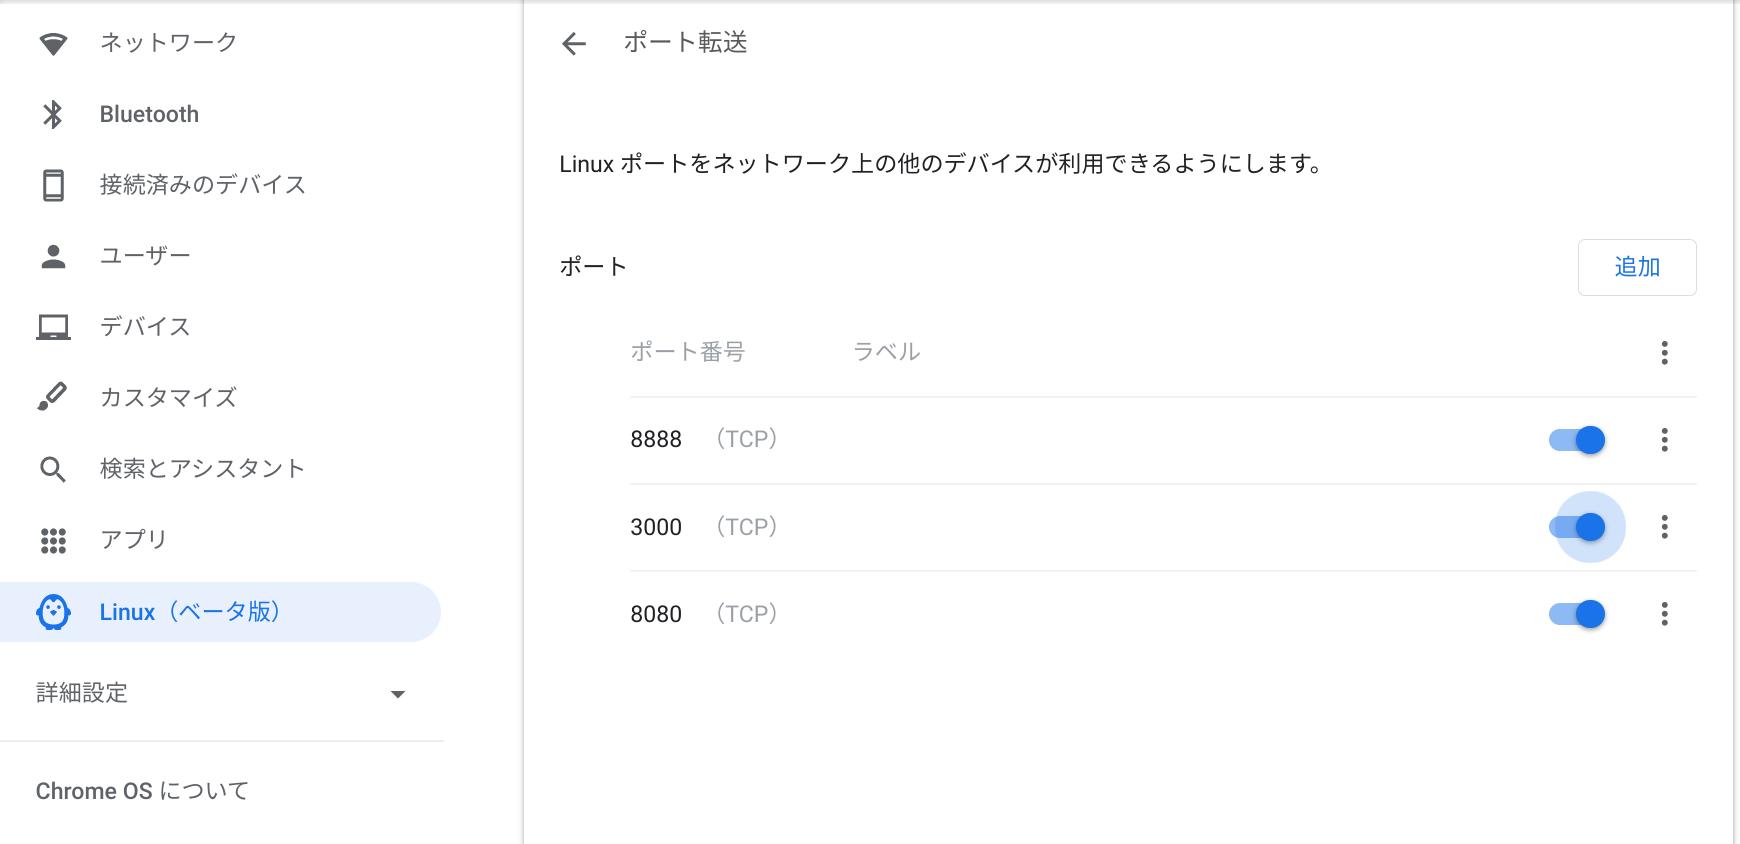 Screenshot 2020-10-18 at 10.44.12.png